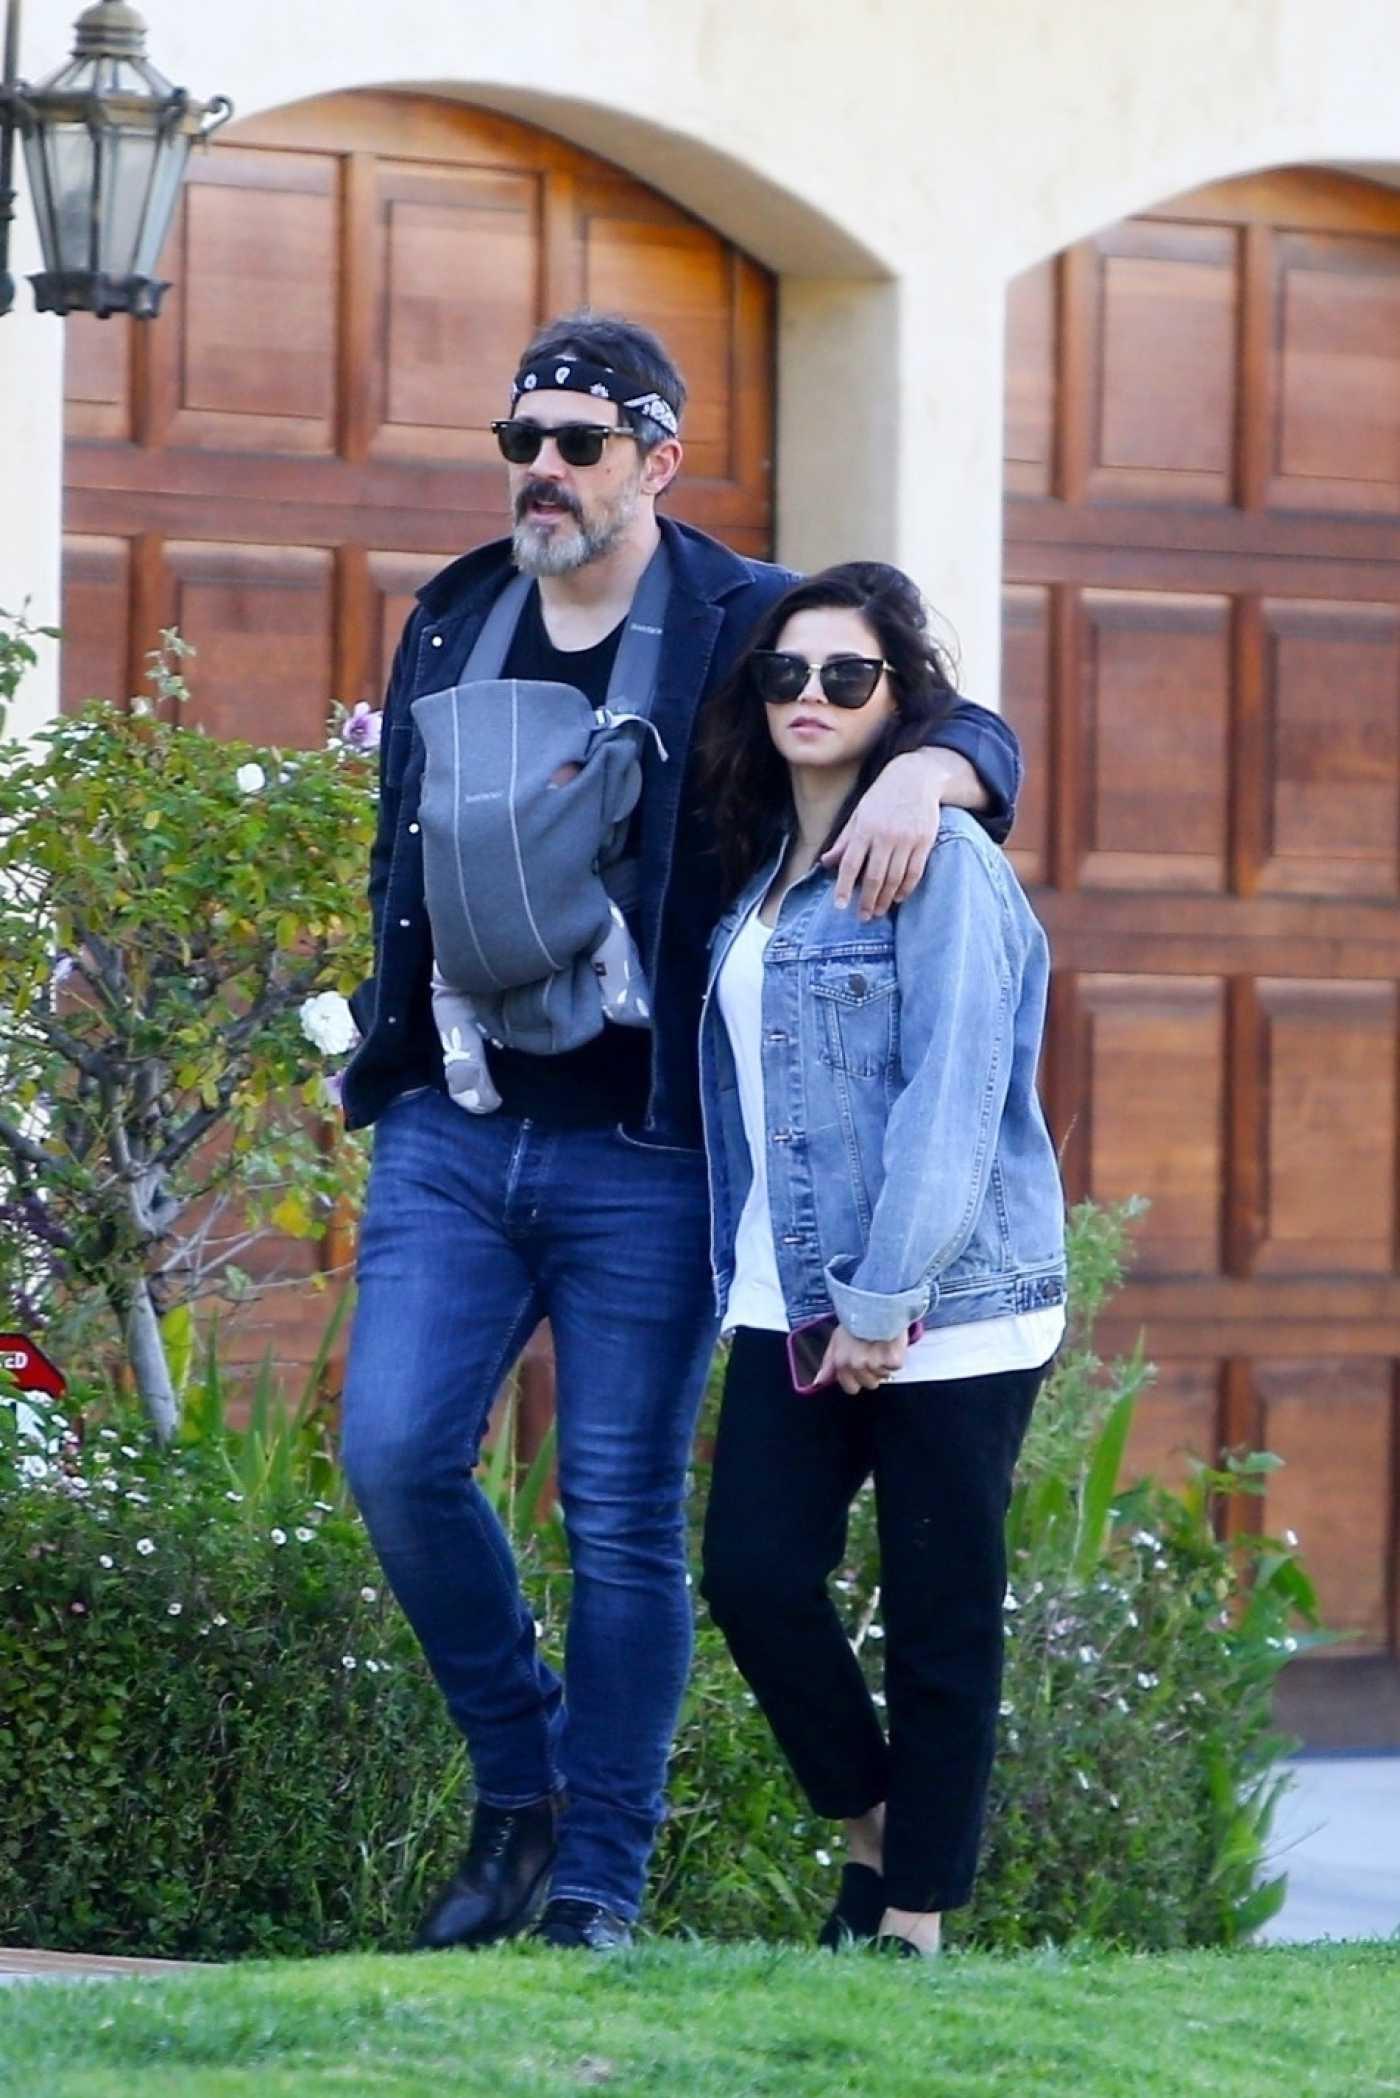 Jenna Dewan in a Blue Denim Jacket Was Seen Out with Steve Kazee in Los Angeles 04/11/2020